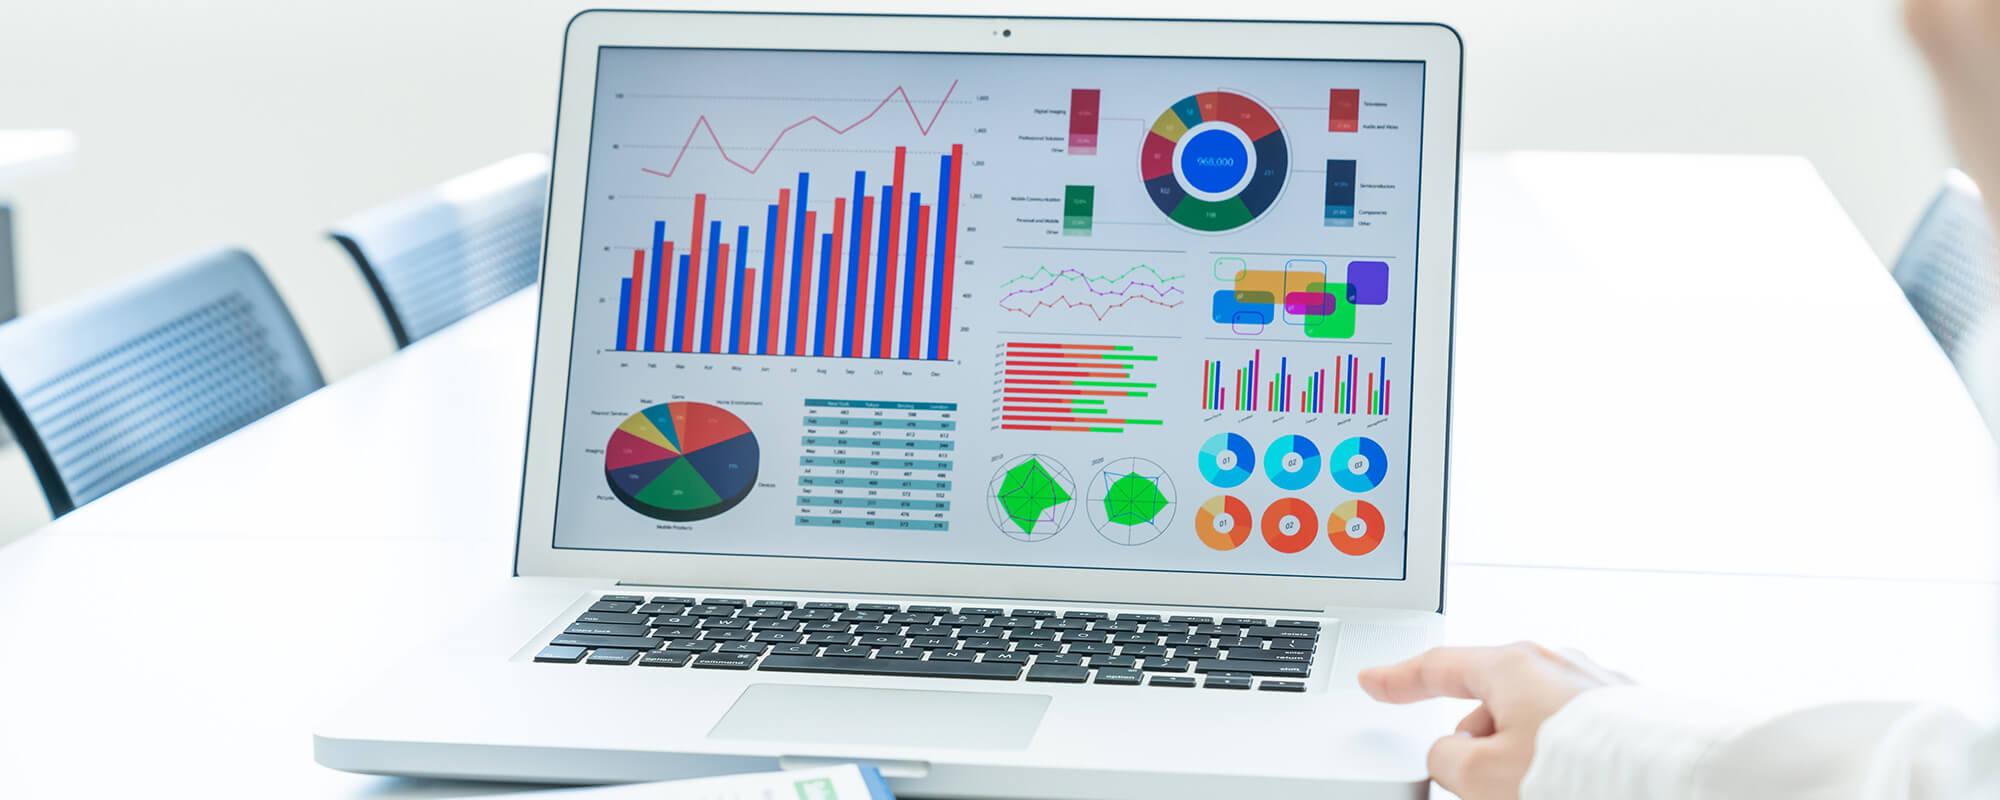 Googleアナリティクスを使ってWebサイトの解析を進めると、課題や改善点が浮かび上がり狙うべきターゲットが明確になります。